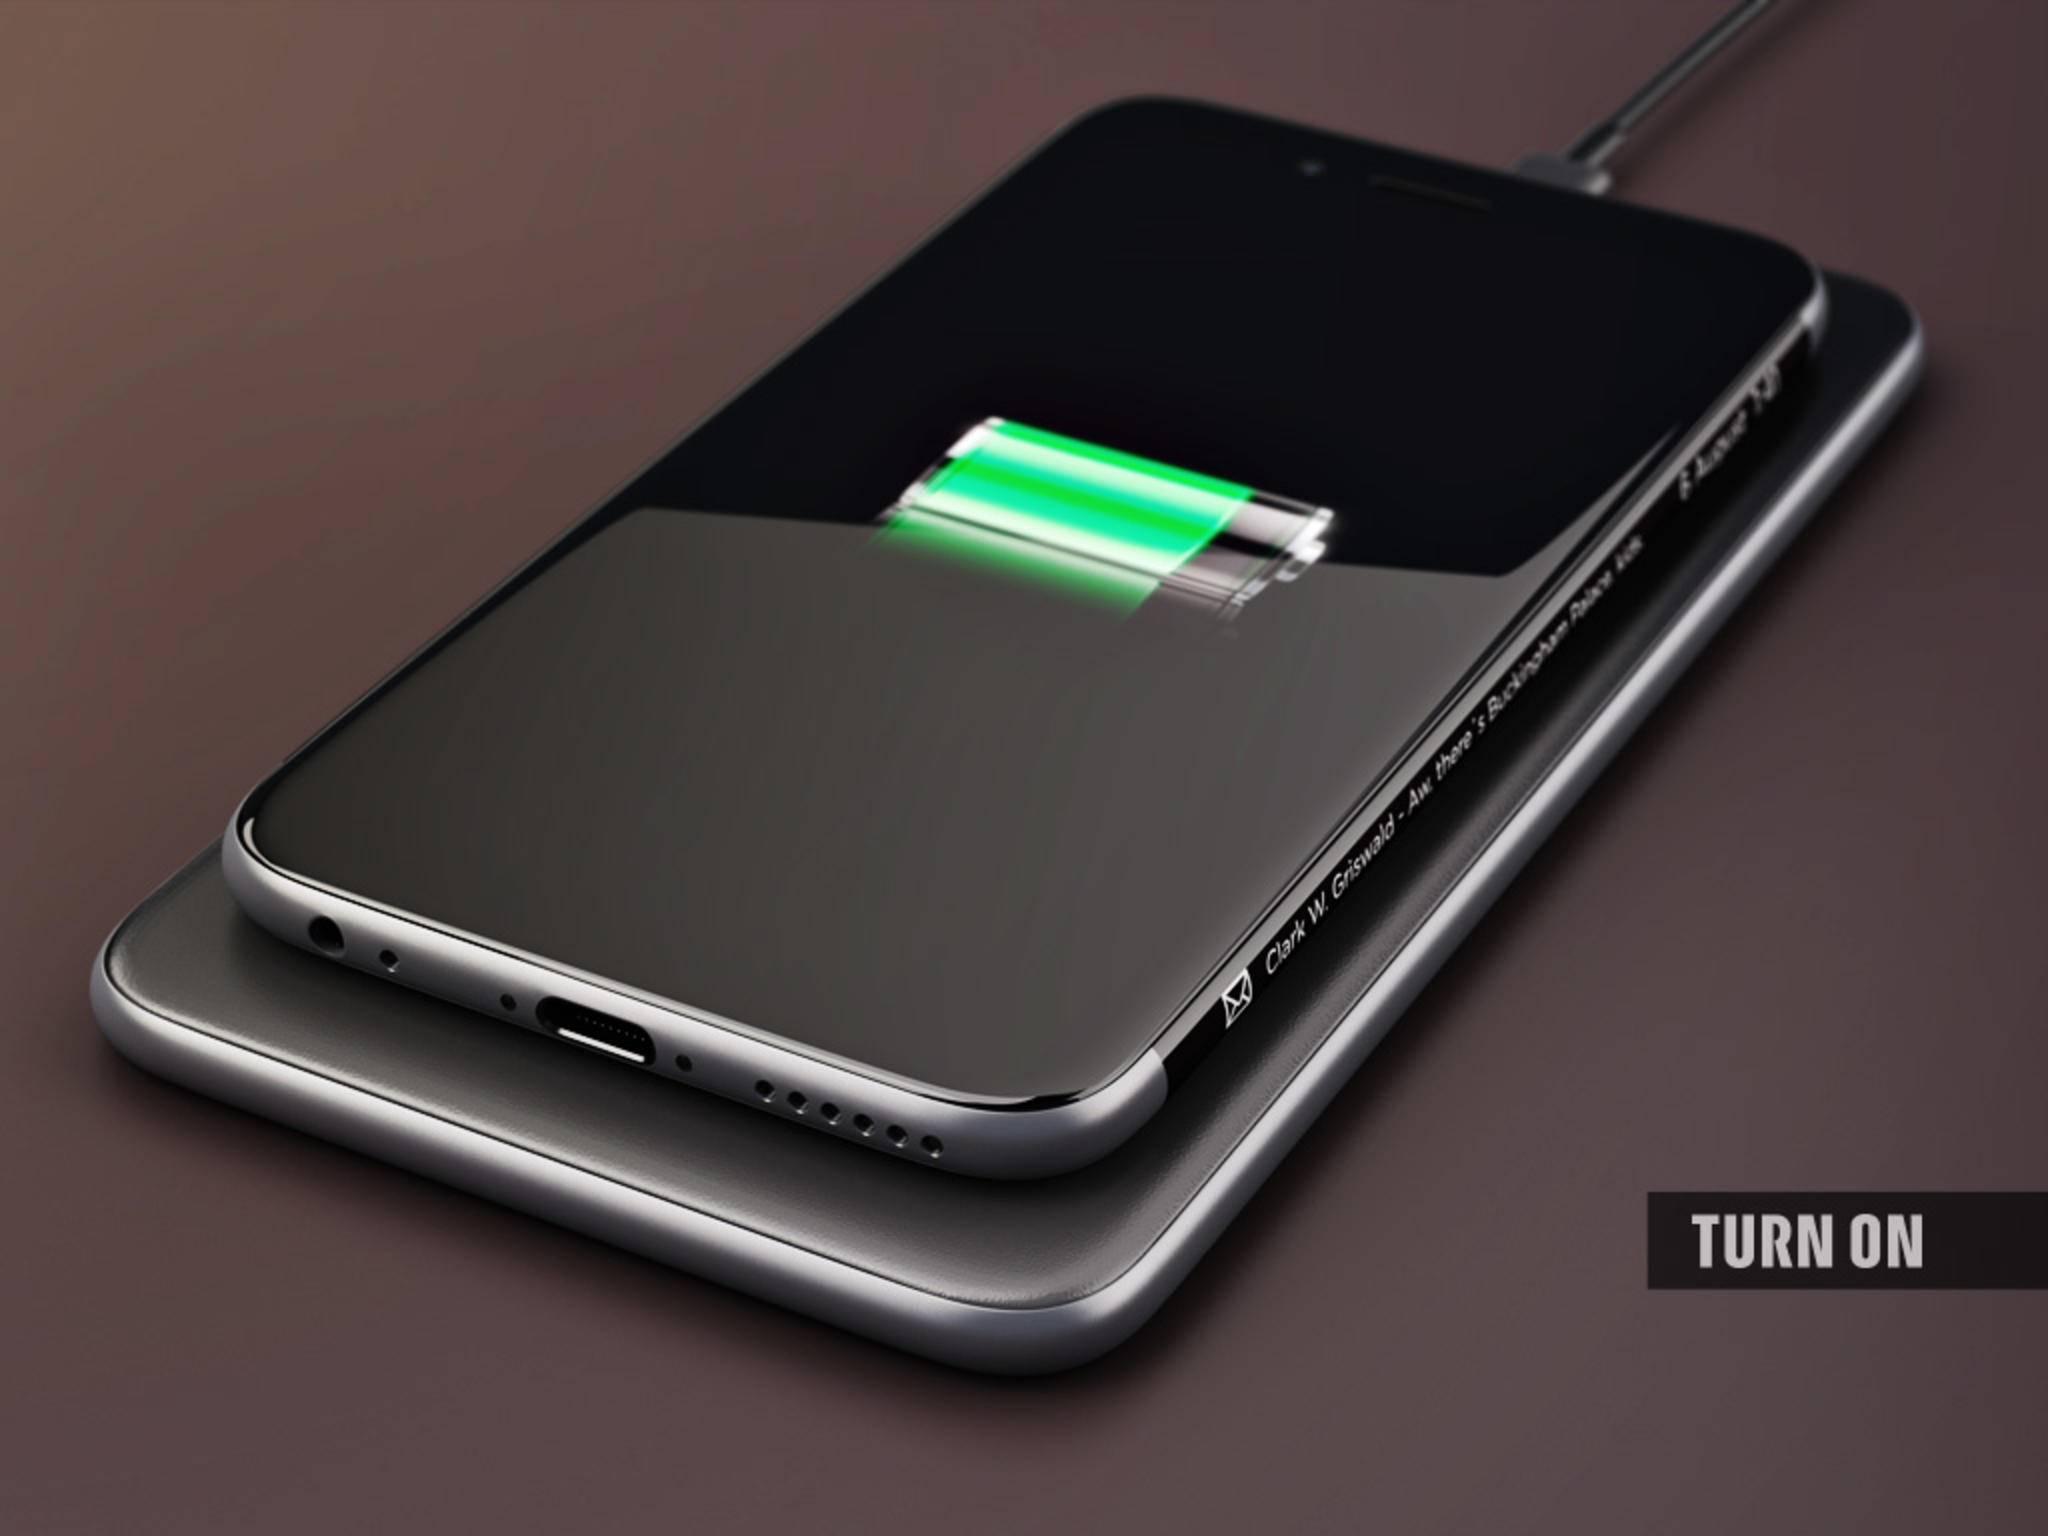 Der Akku des iPhone 7 Plus fasst angeblich 3100 mAh.